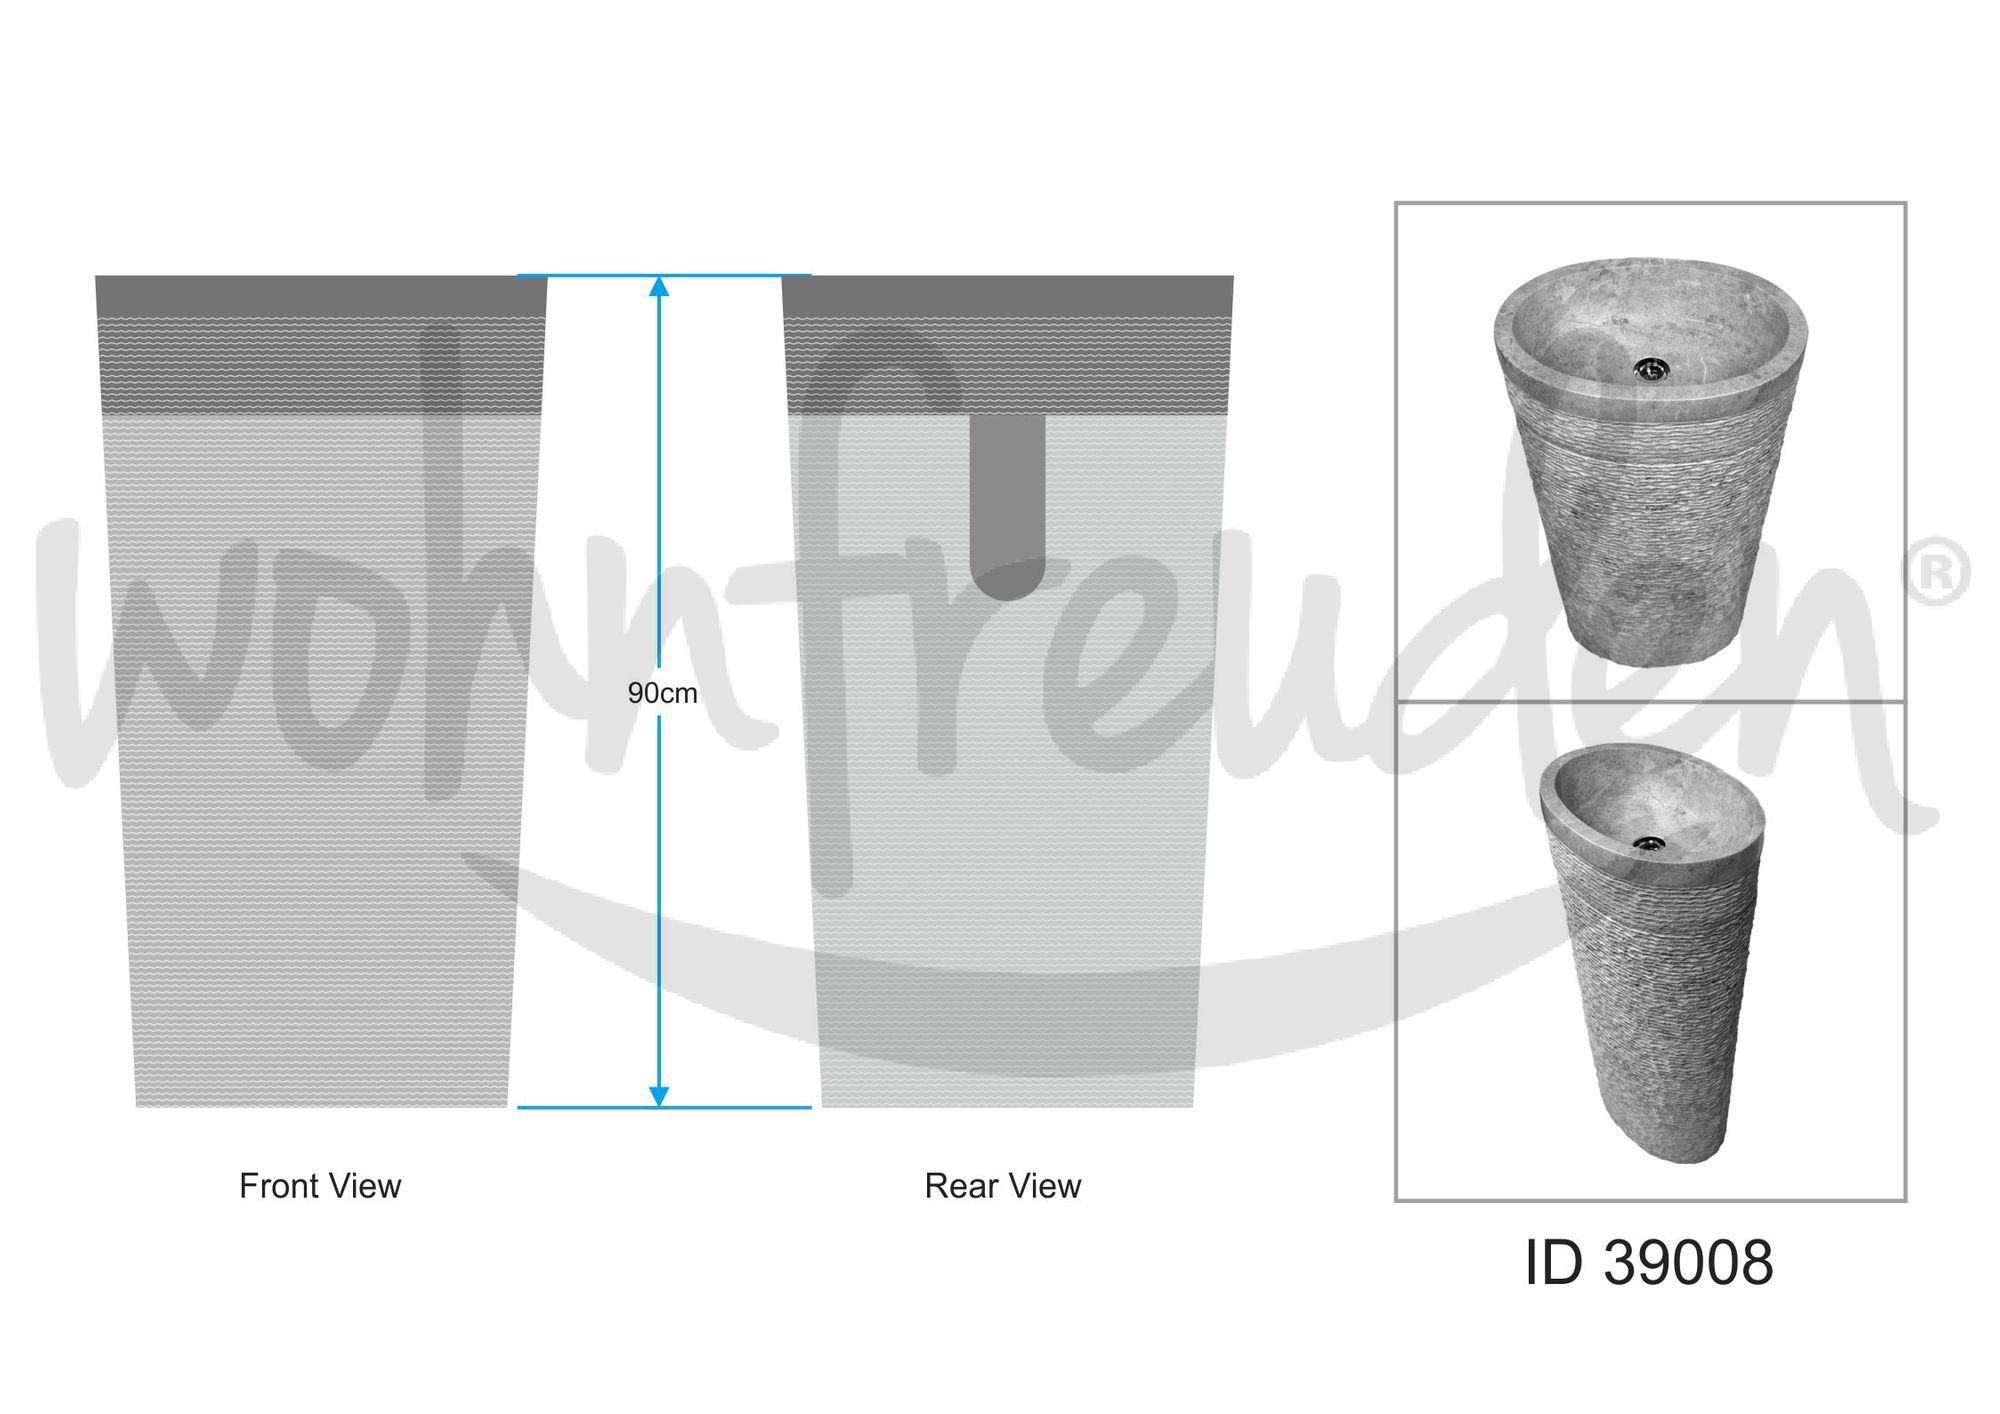 WOHNFREUDEN Marmor Waschtischsäule Standwaschbecken 50x35x90 cm oval creme weiss Halbsäule